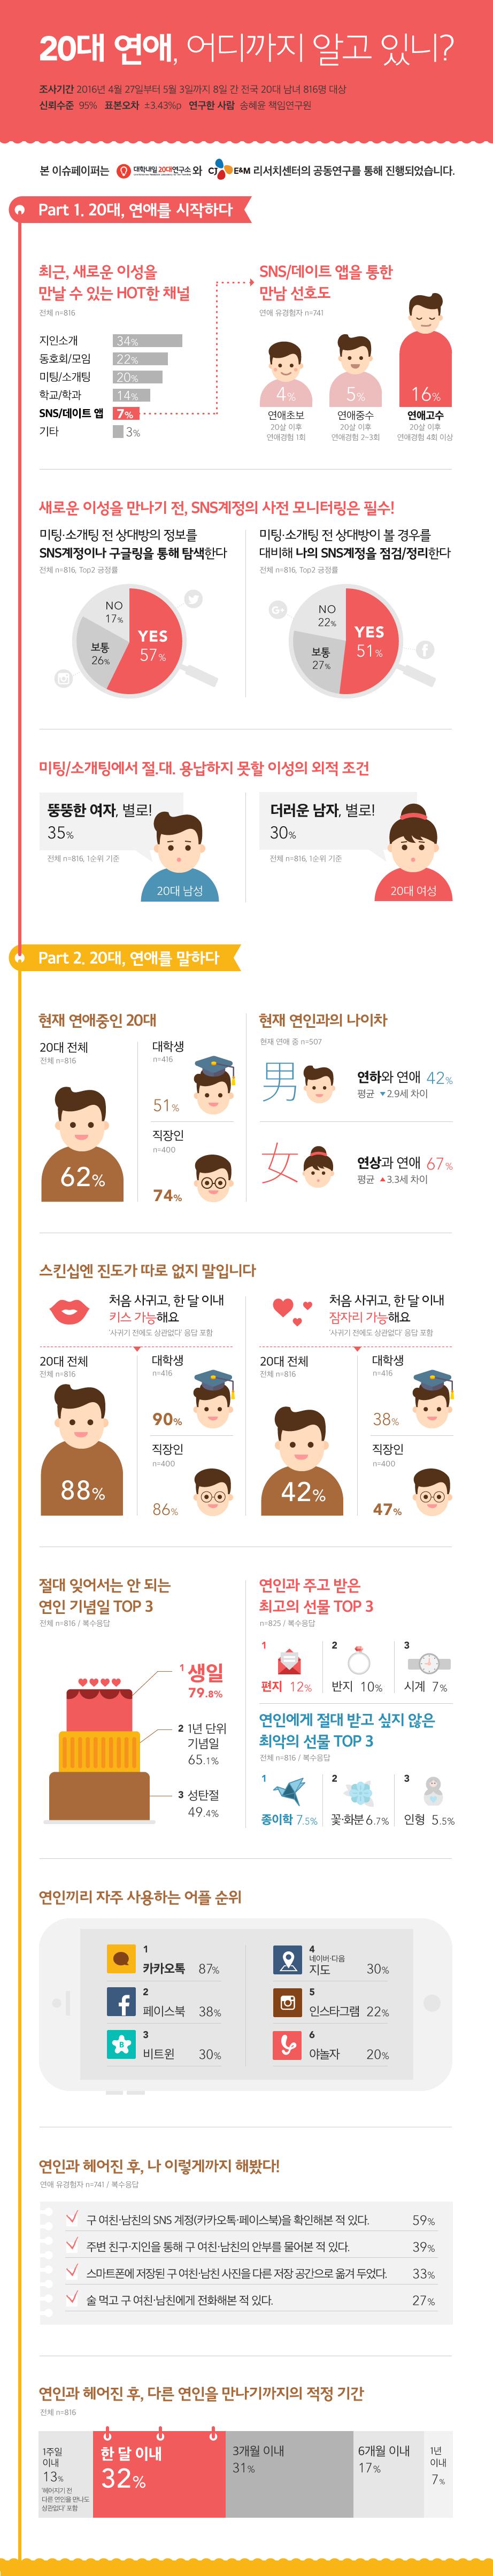 [인포그래픽] 대학민국20대청춘연애백서_160623